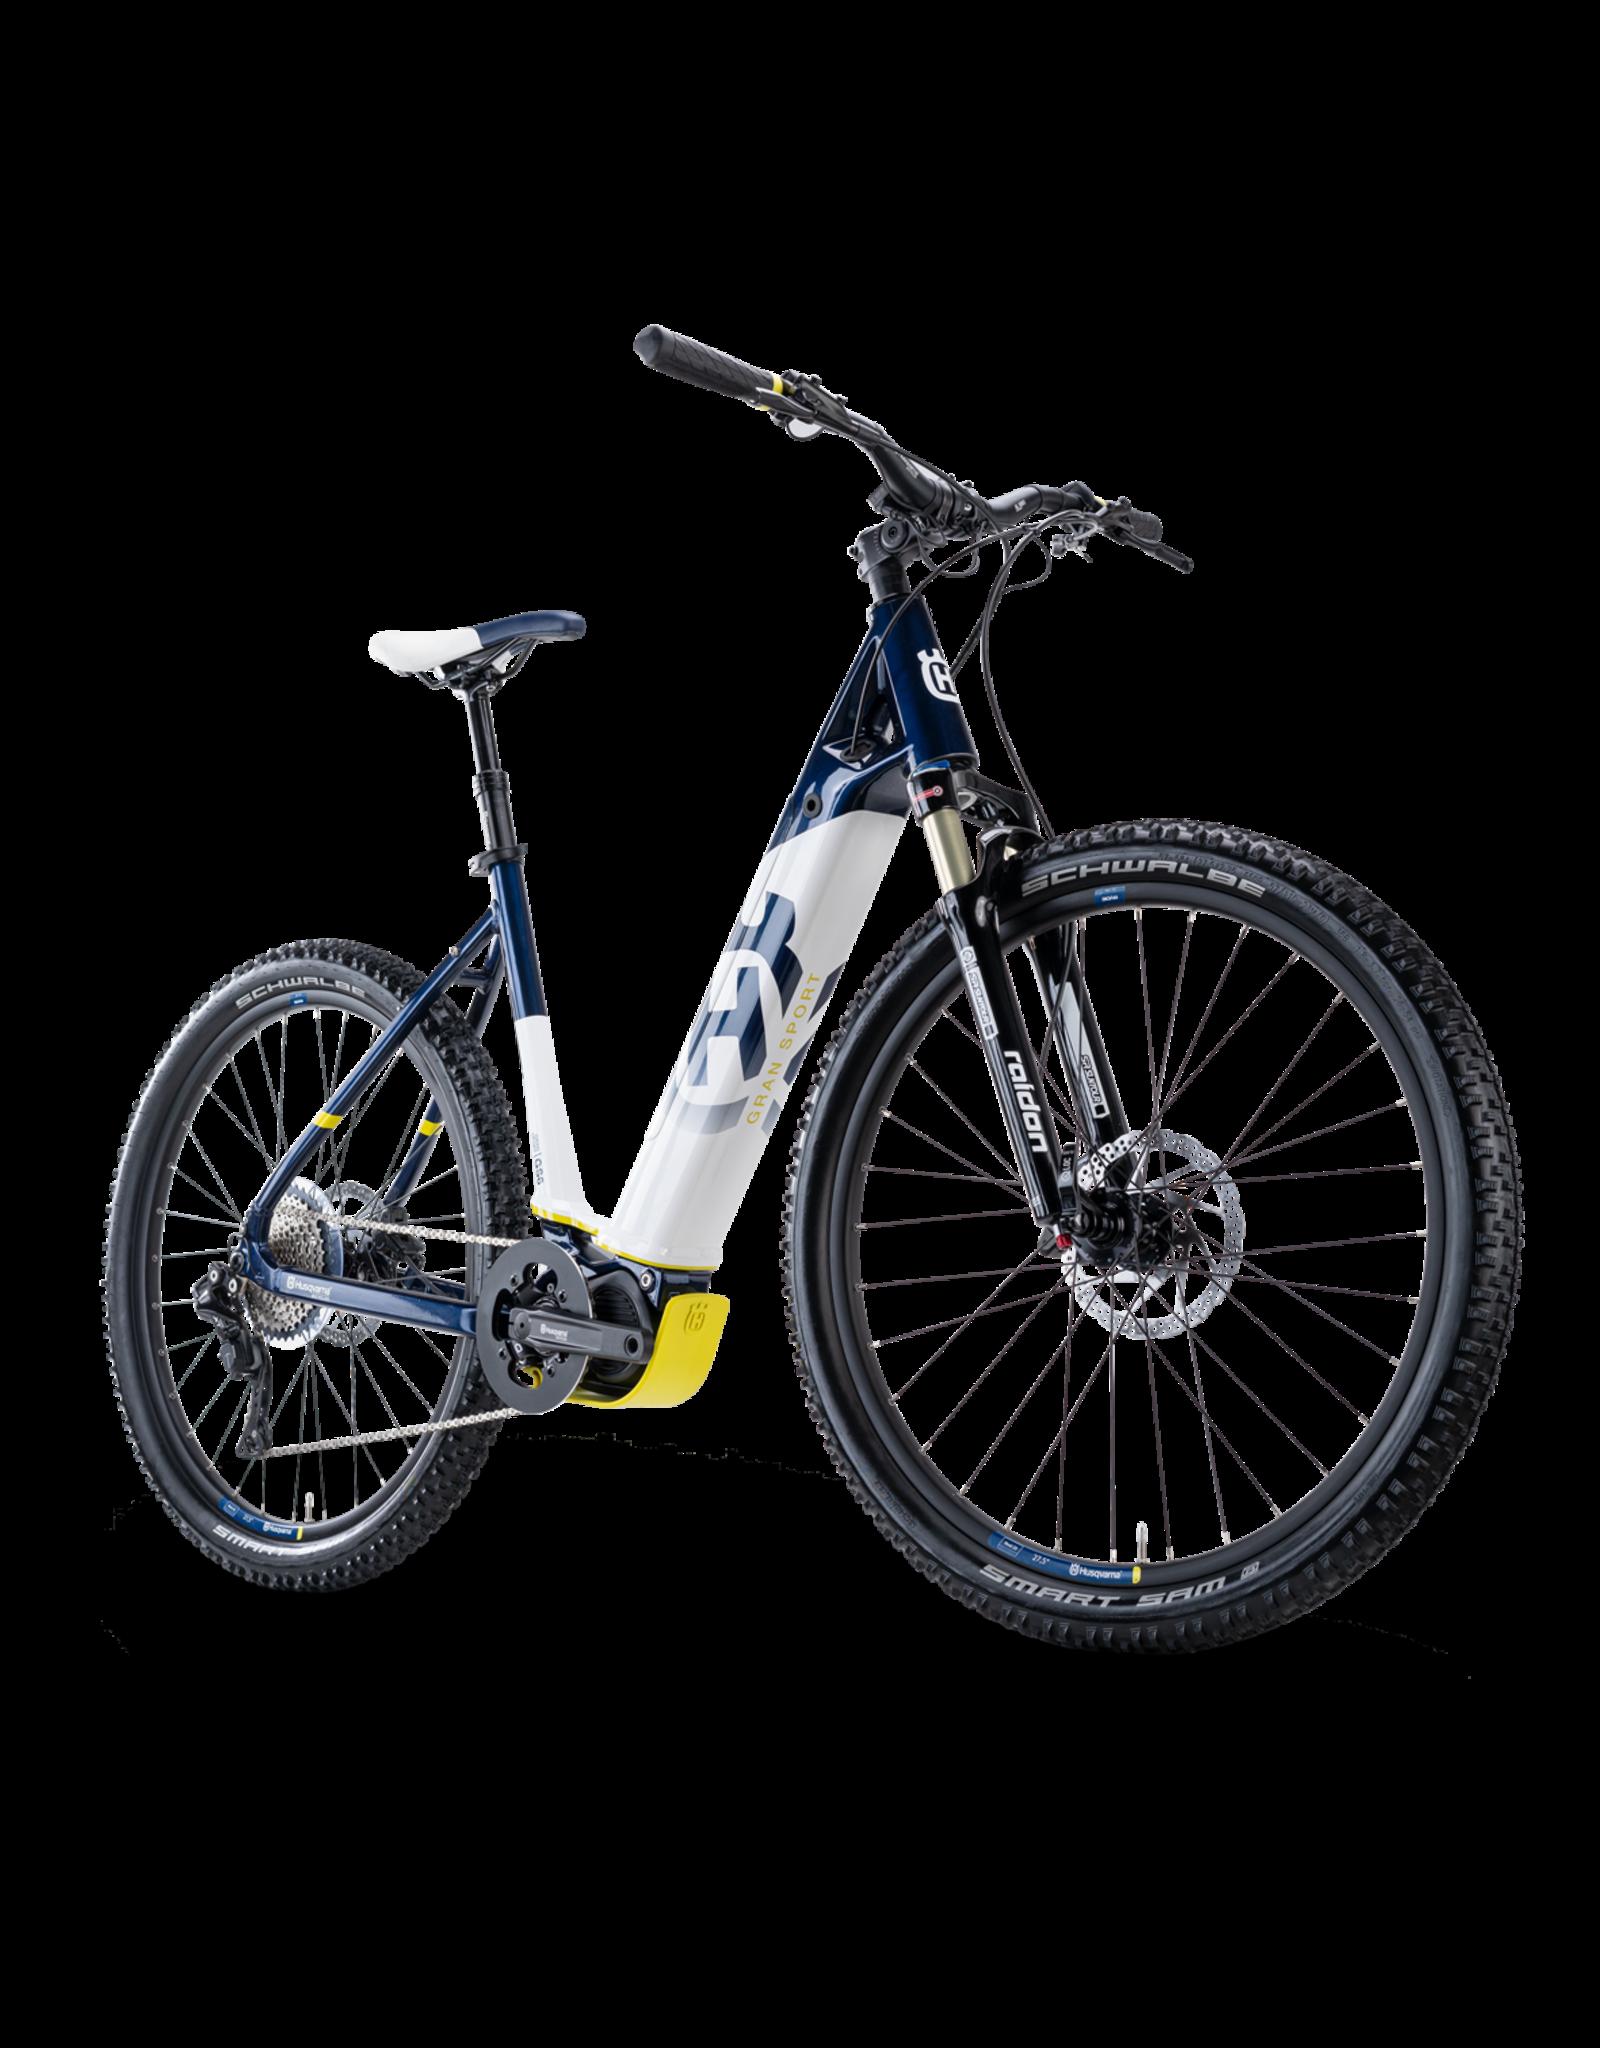 HUSQVARNA Bicycles Husqvarna Bicycles - Gran Sport 5 - GS6 - 20/21